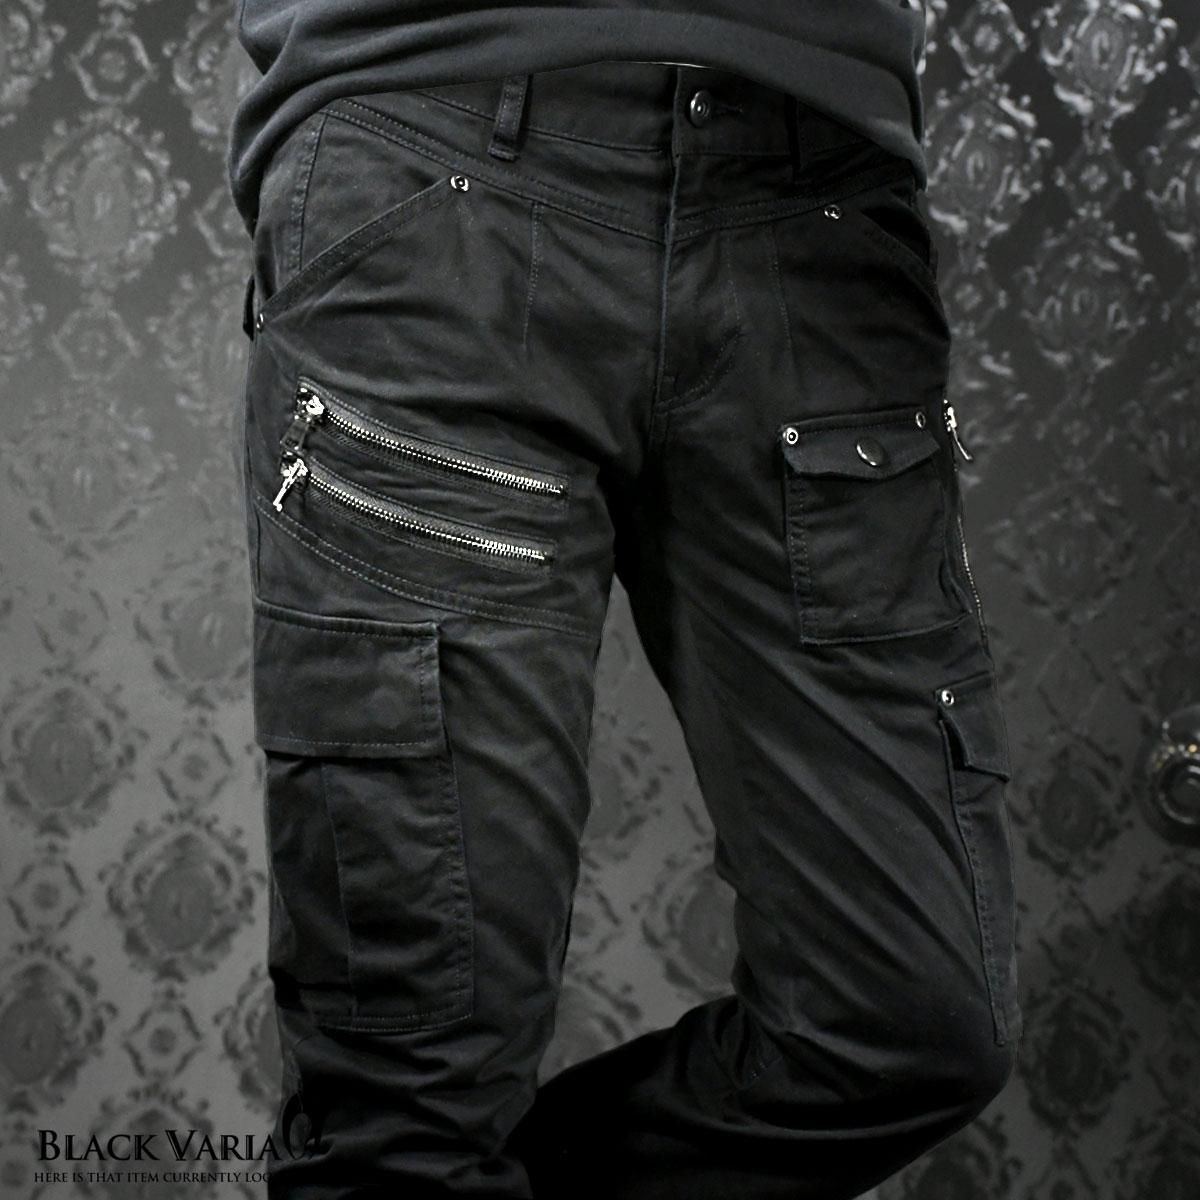 カーゴパンツ ストレッチ メンズ ファスナー ポケット ブッシュパンツ 無地 ボトムス mens(ブラック黒ファスナー黒)